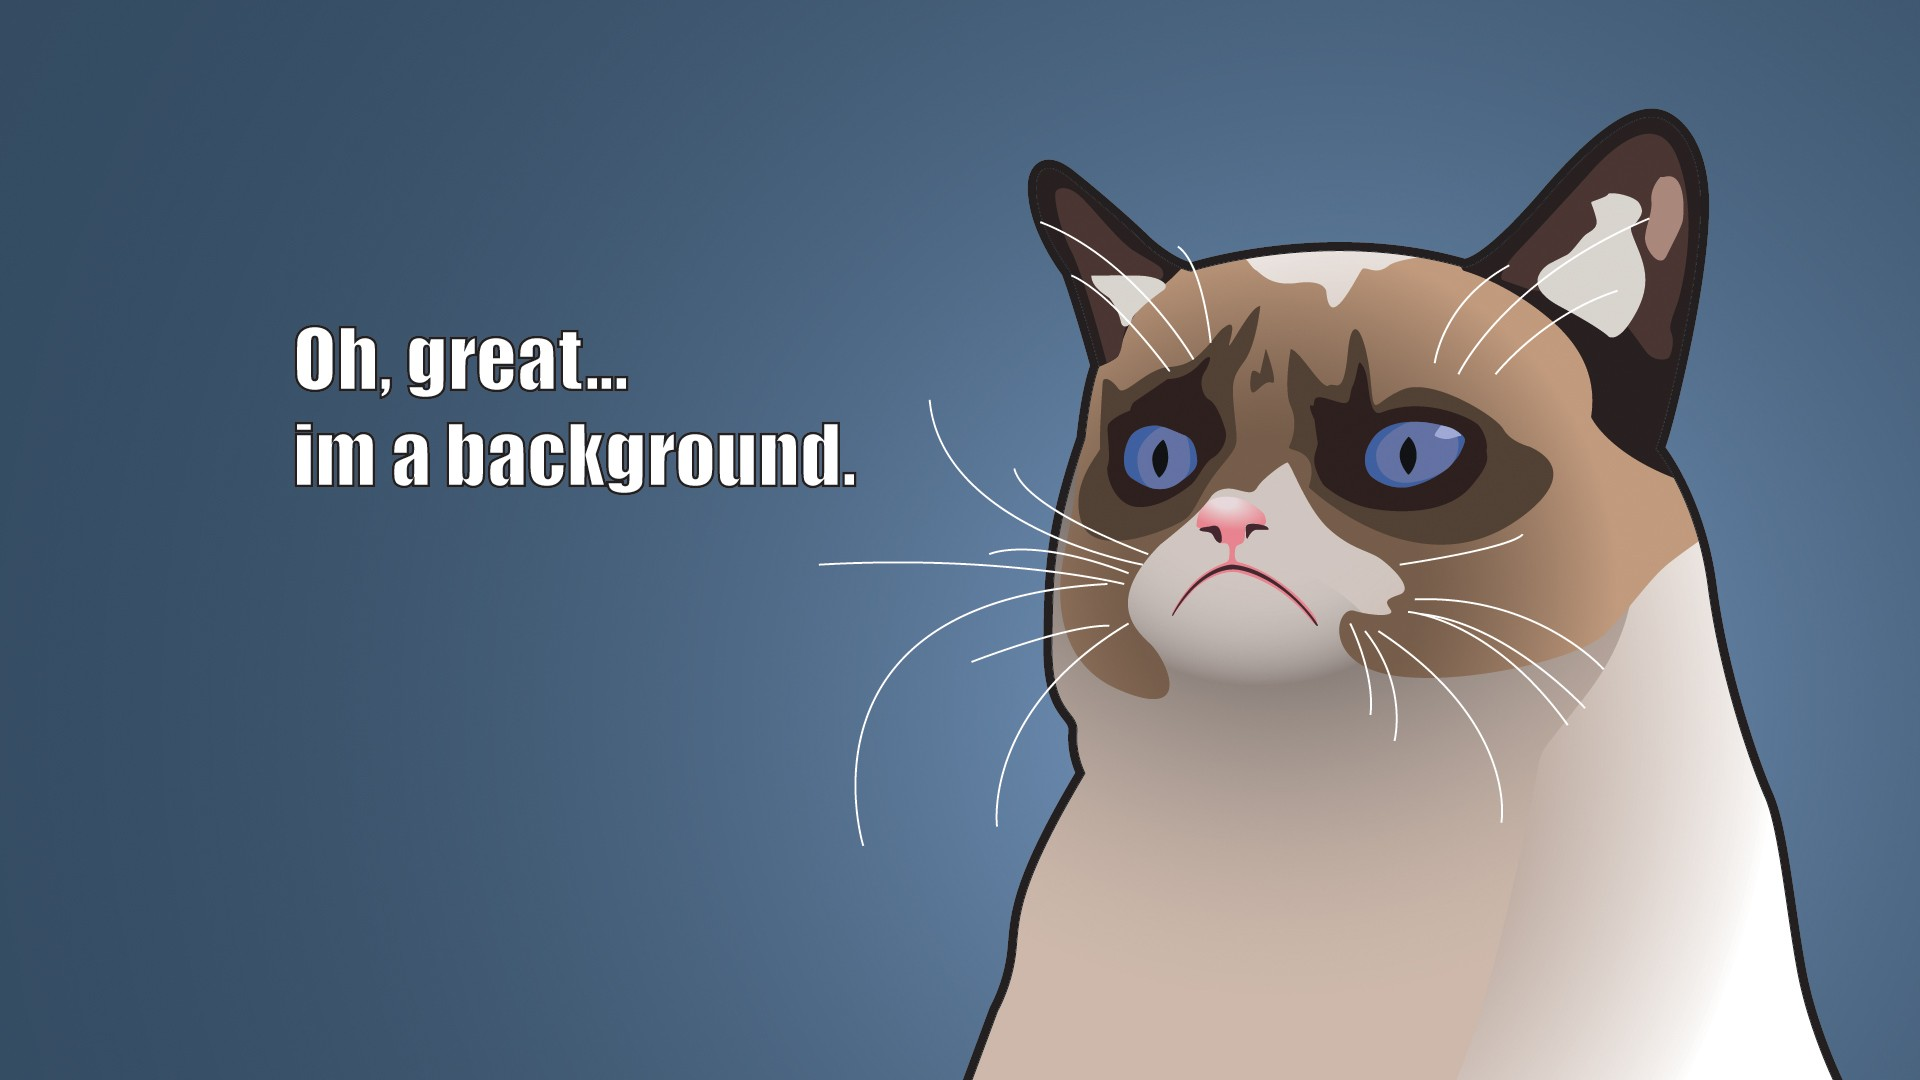 47 Animated Cat Wallpaper For Desktop On Wallpapersafari